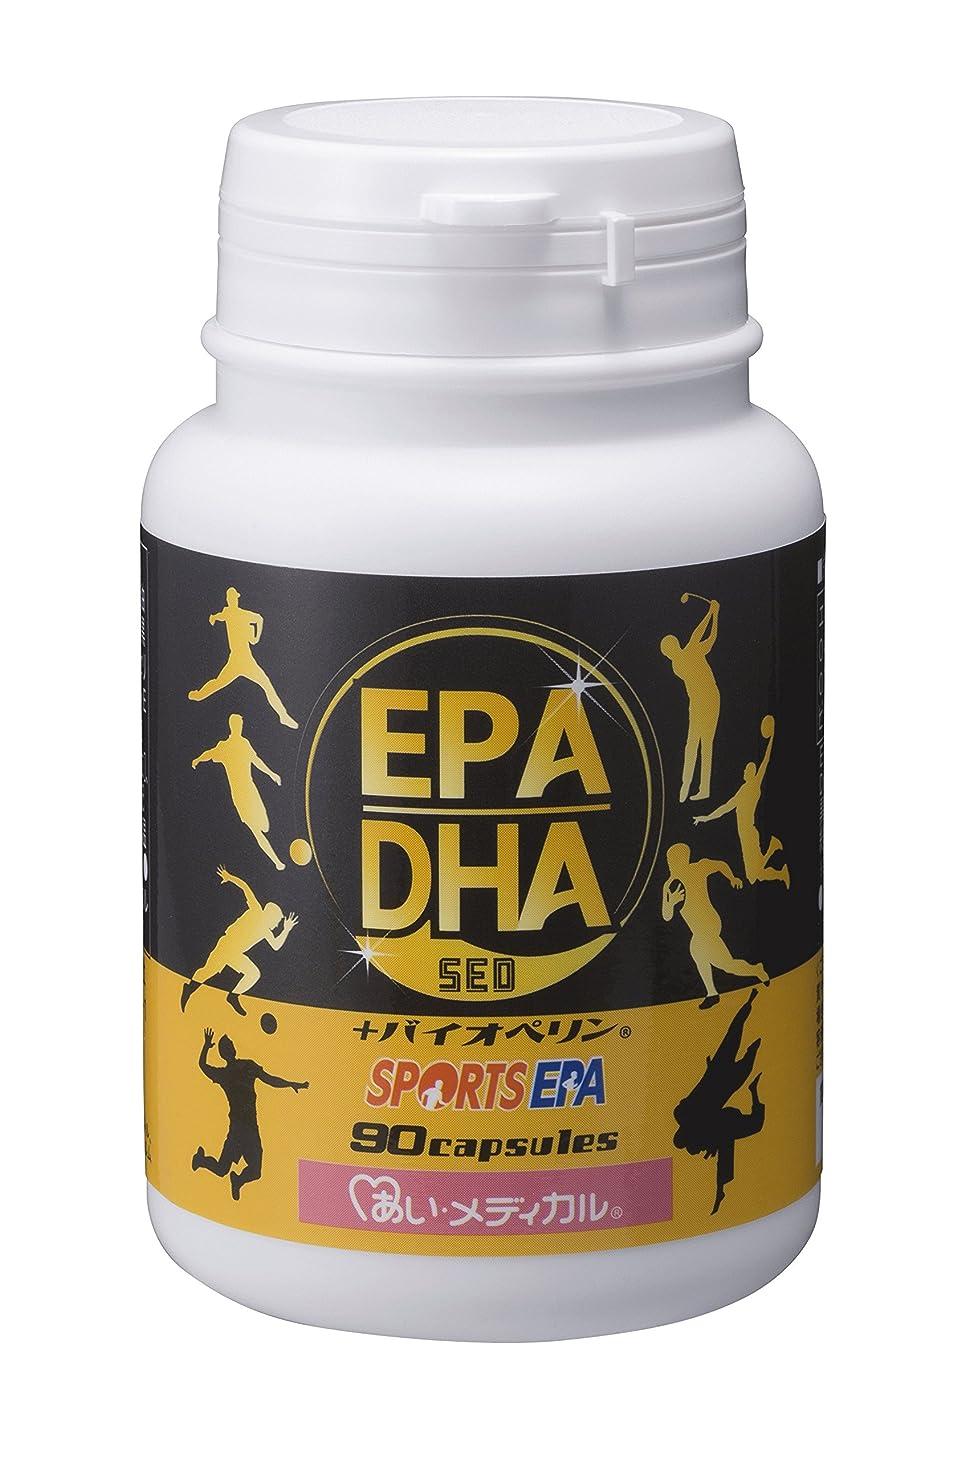 ビット塩辛い紫のEPA?DHA+バイオペリン